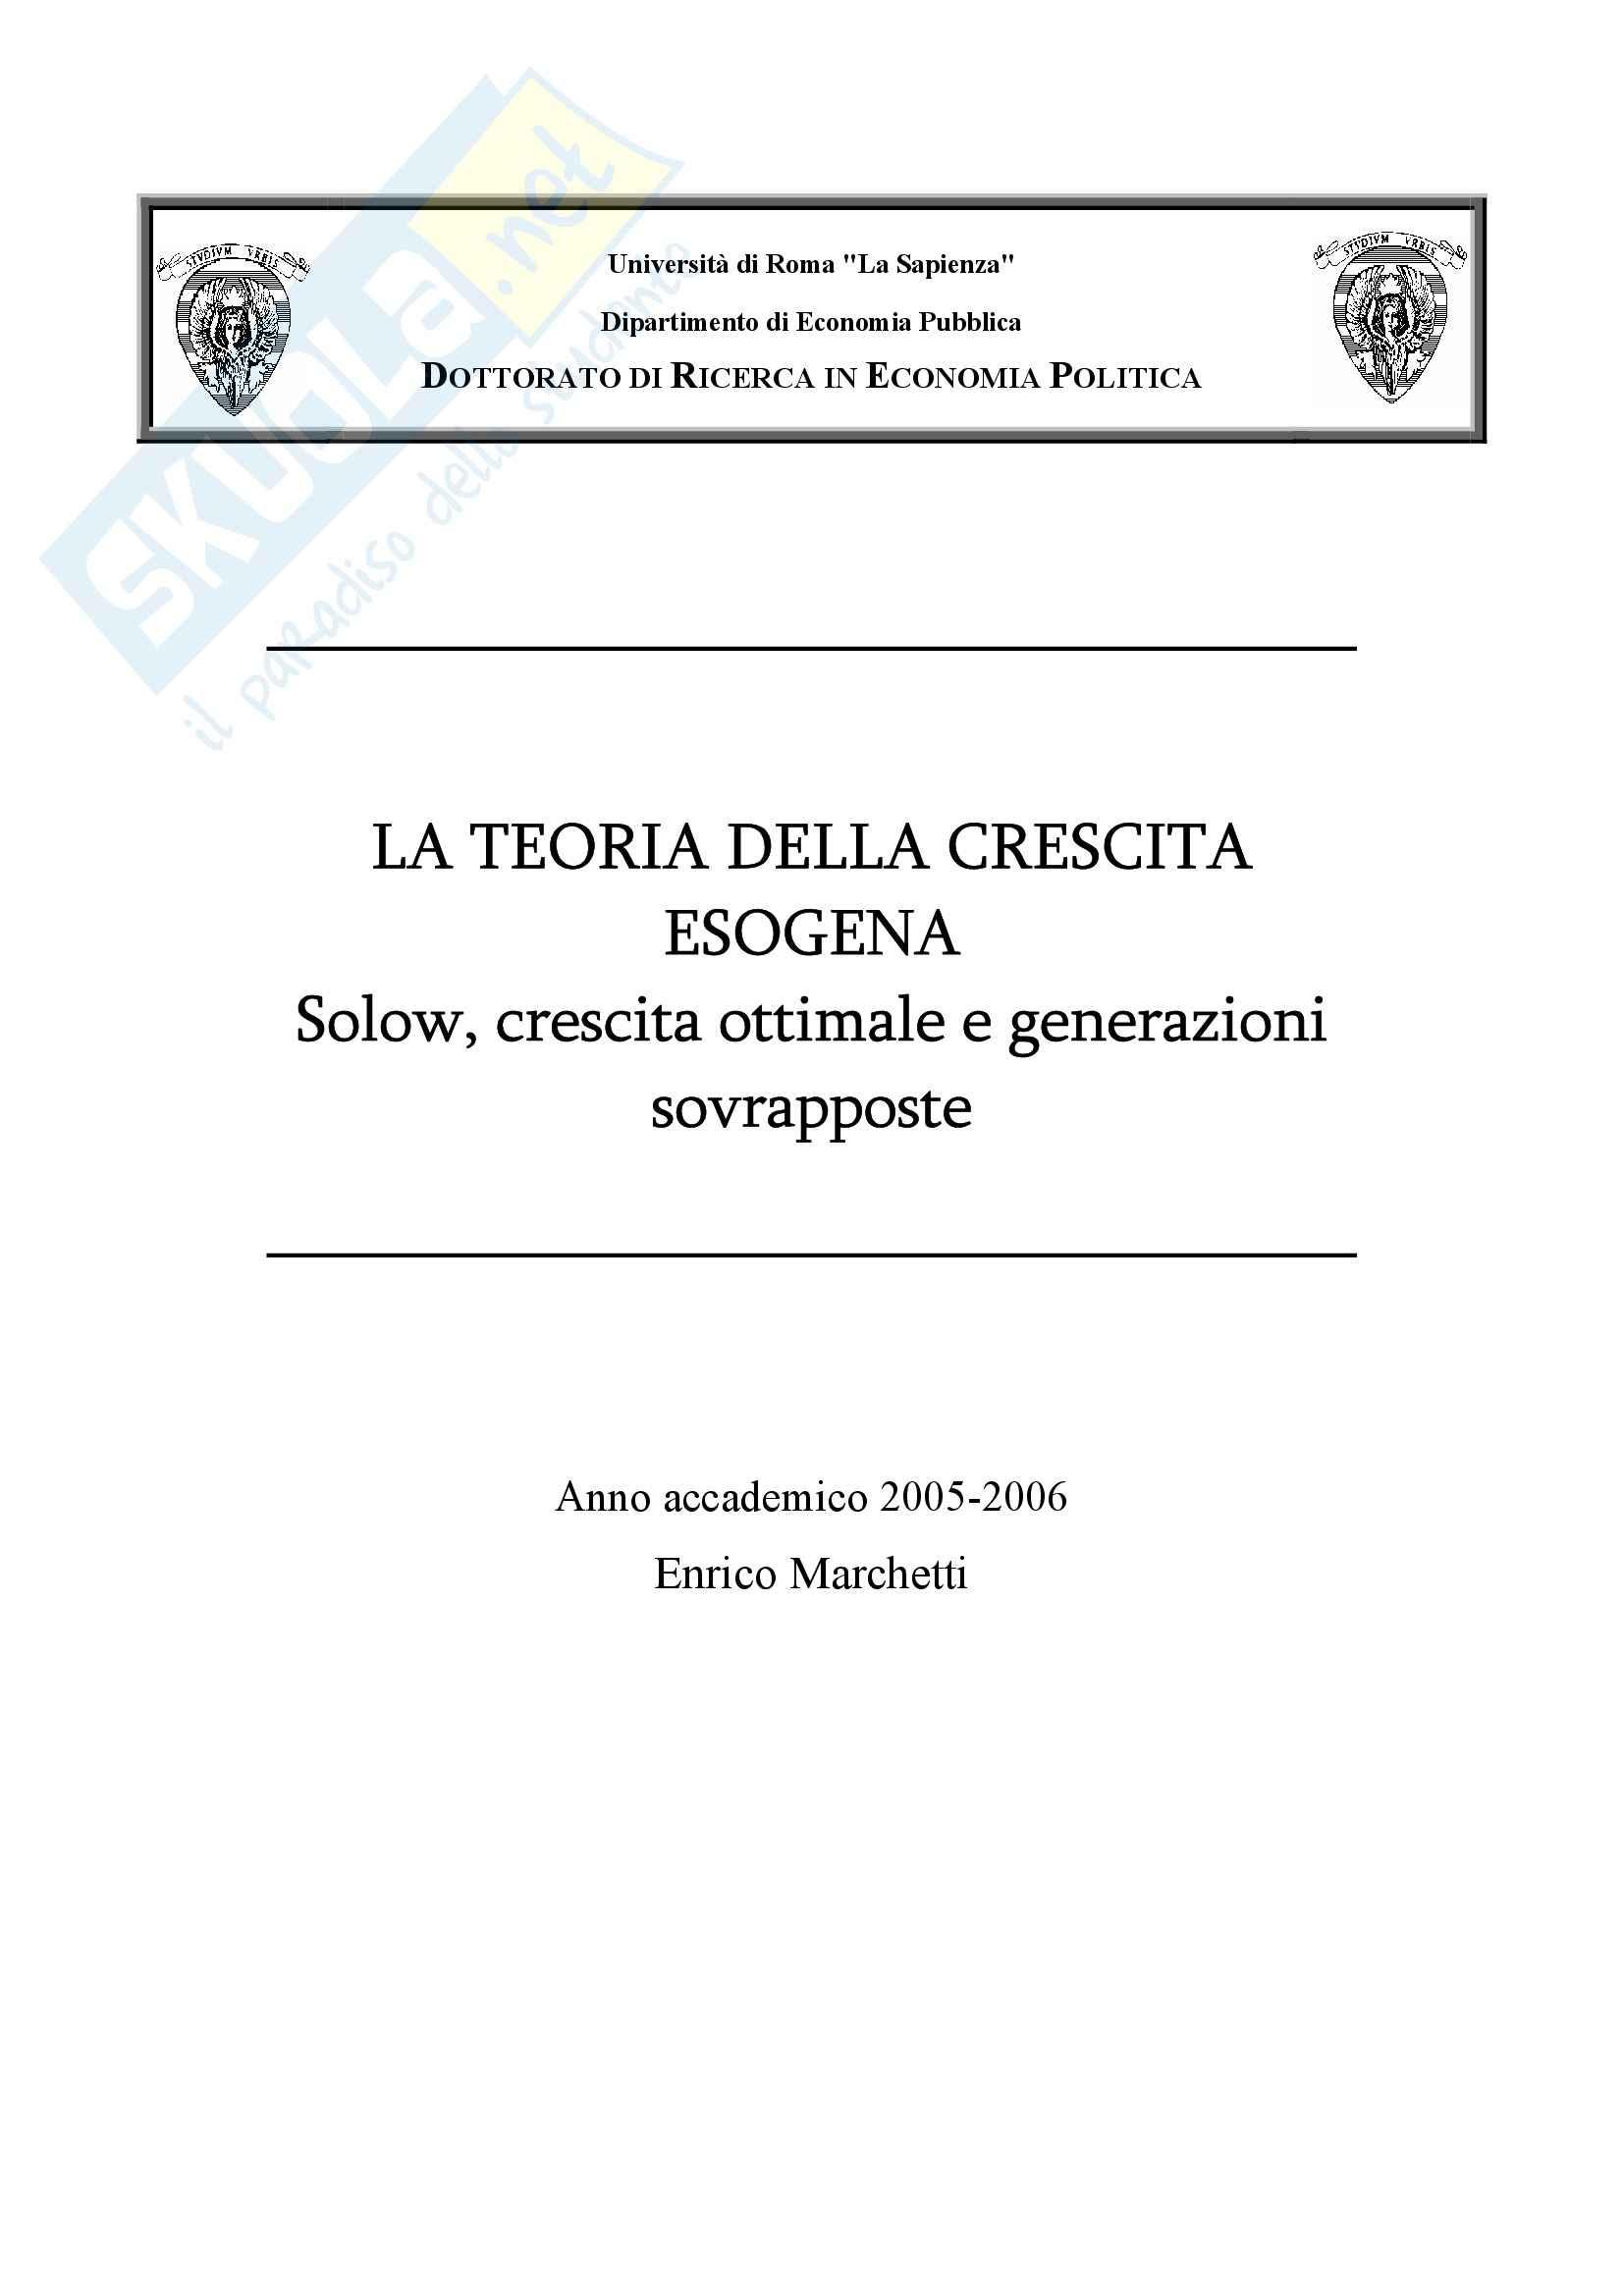 Macroeconomia - teoria della crescita - Dispensa